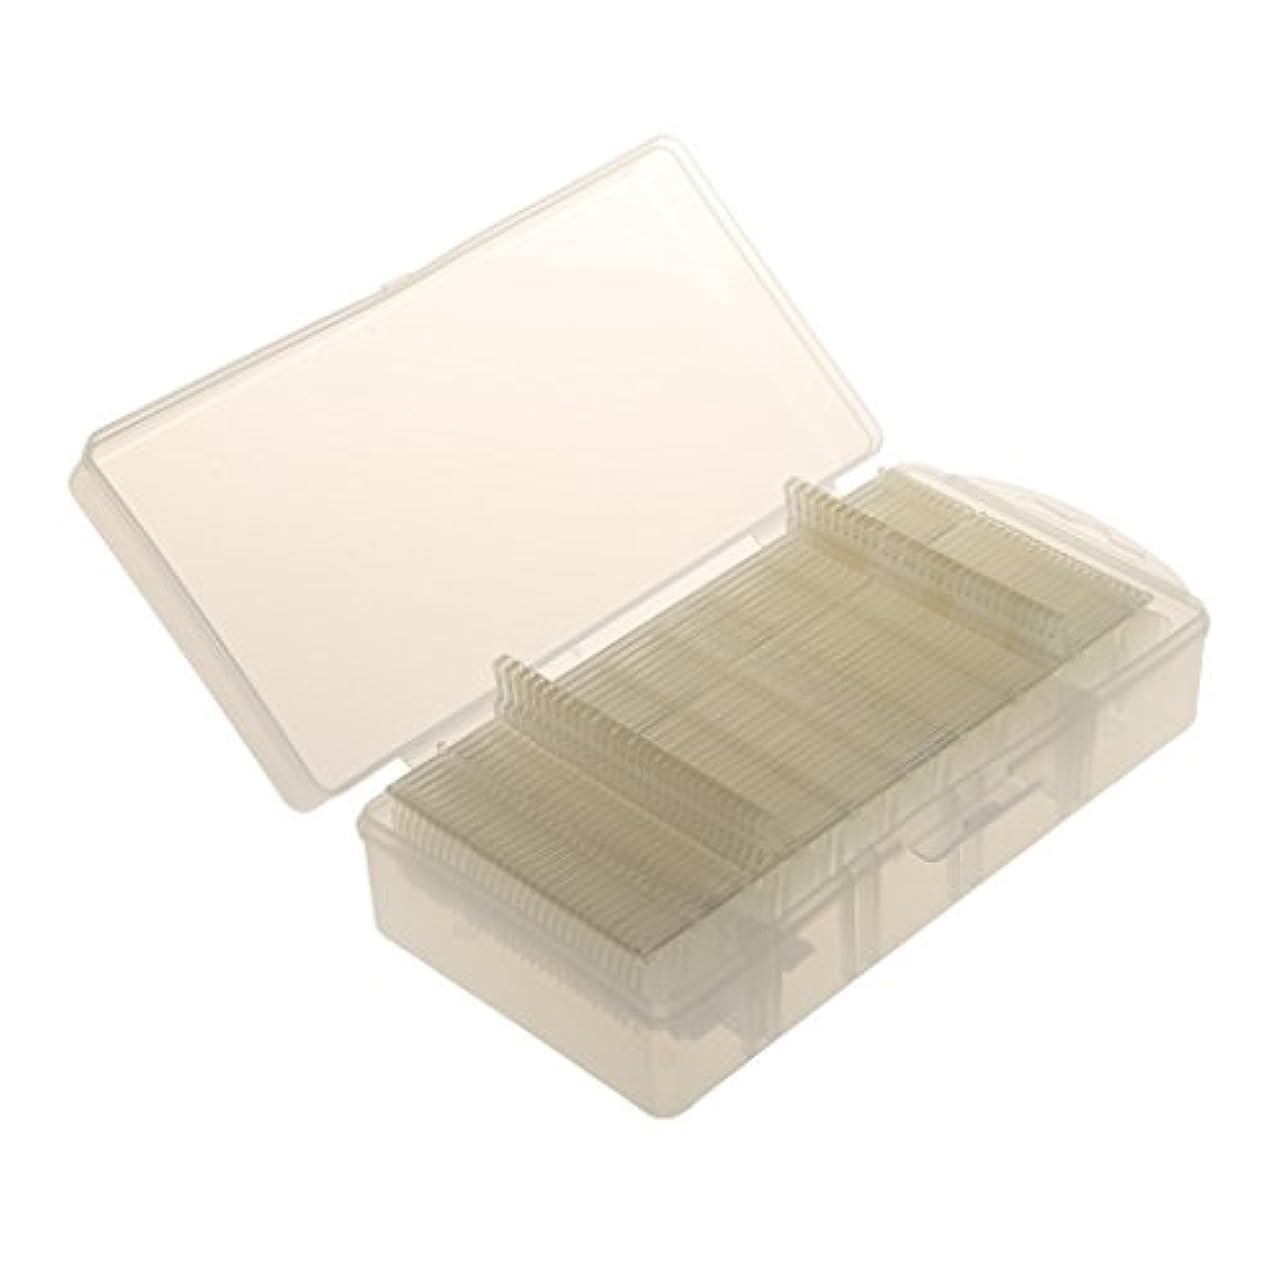 出費有効授業料DYNWAVE 300超薄型マット透明ネイルフルカバーチップデコレーションクリア